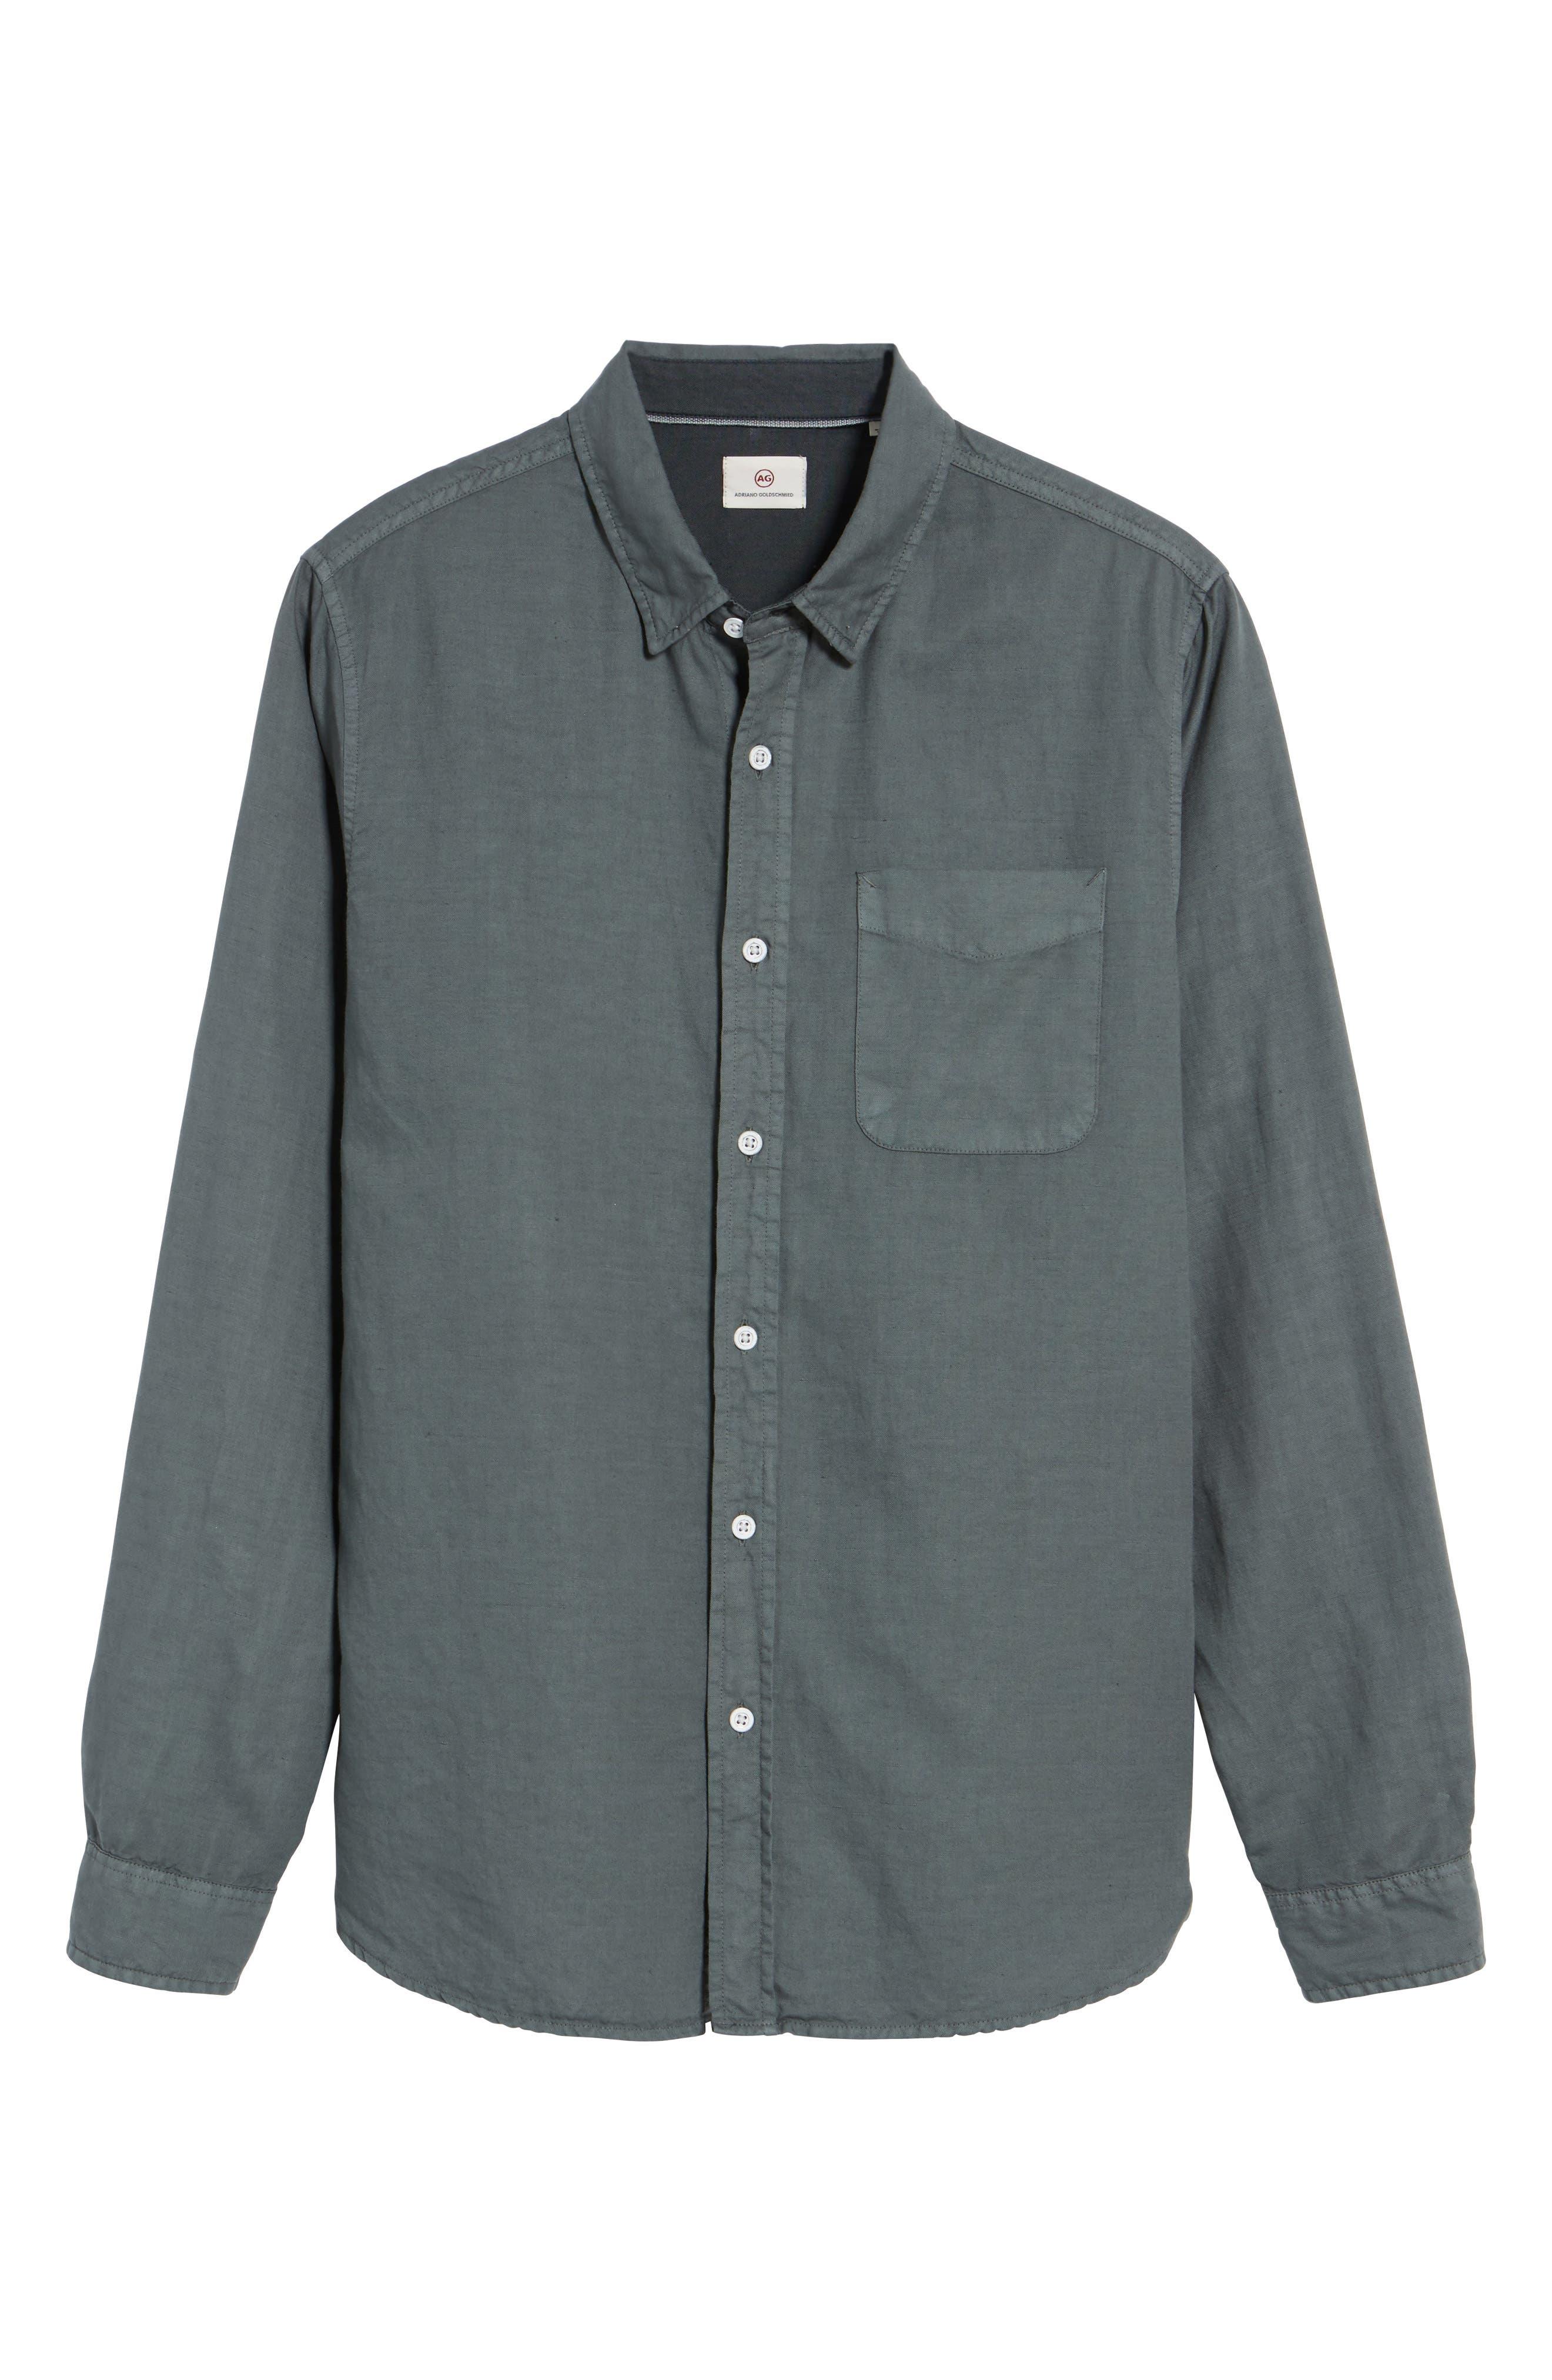 Colton Slim Fit Cotton & Linen Sport Shirt,                             Alternate thumbnail 5, color,                             Pigment Castlerock